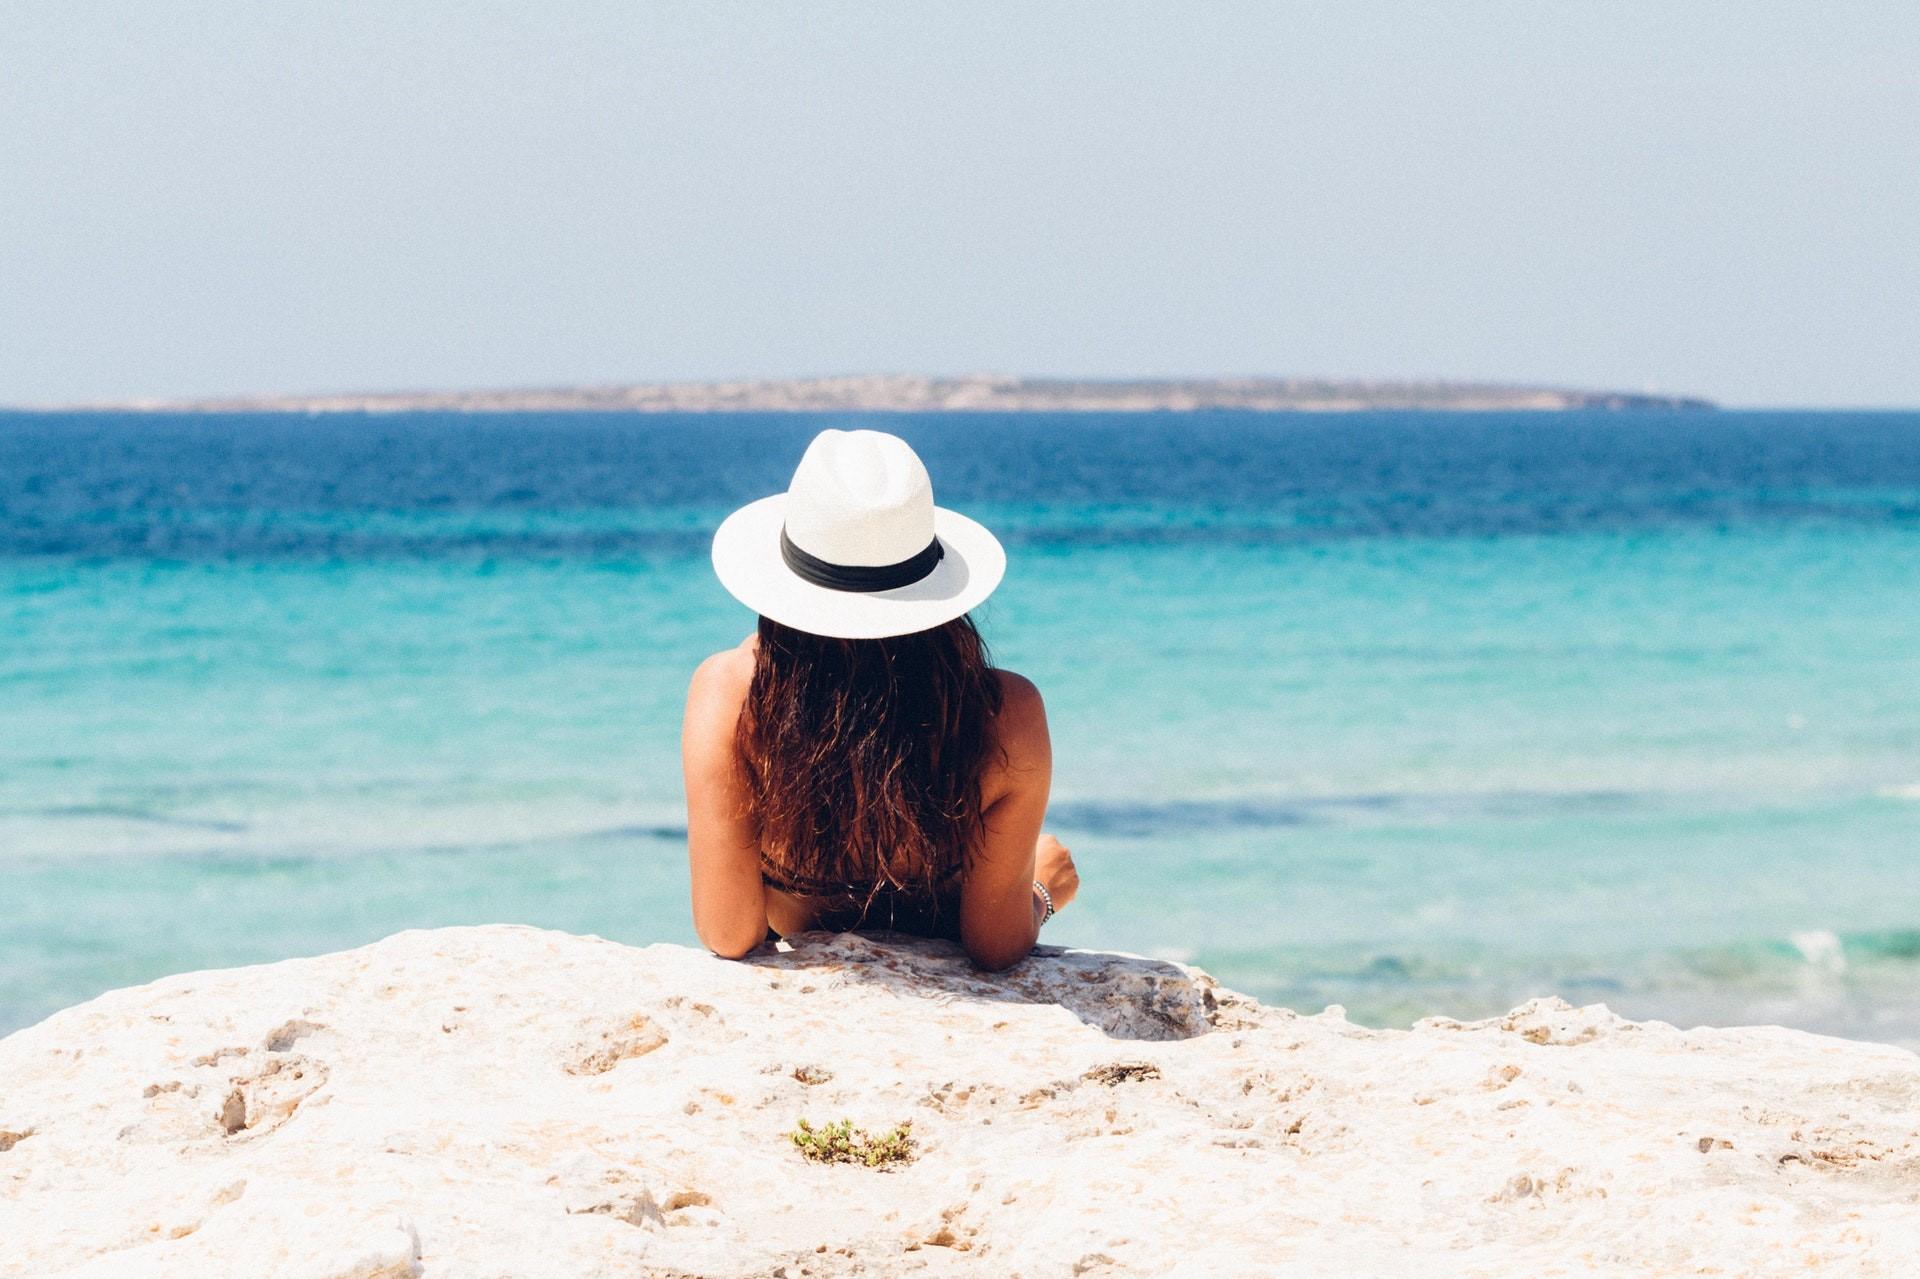 Vacaciones tranquilas y sin riesgos al contratar pólizas de seguros por días 1